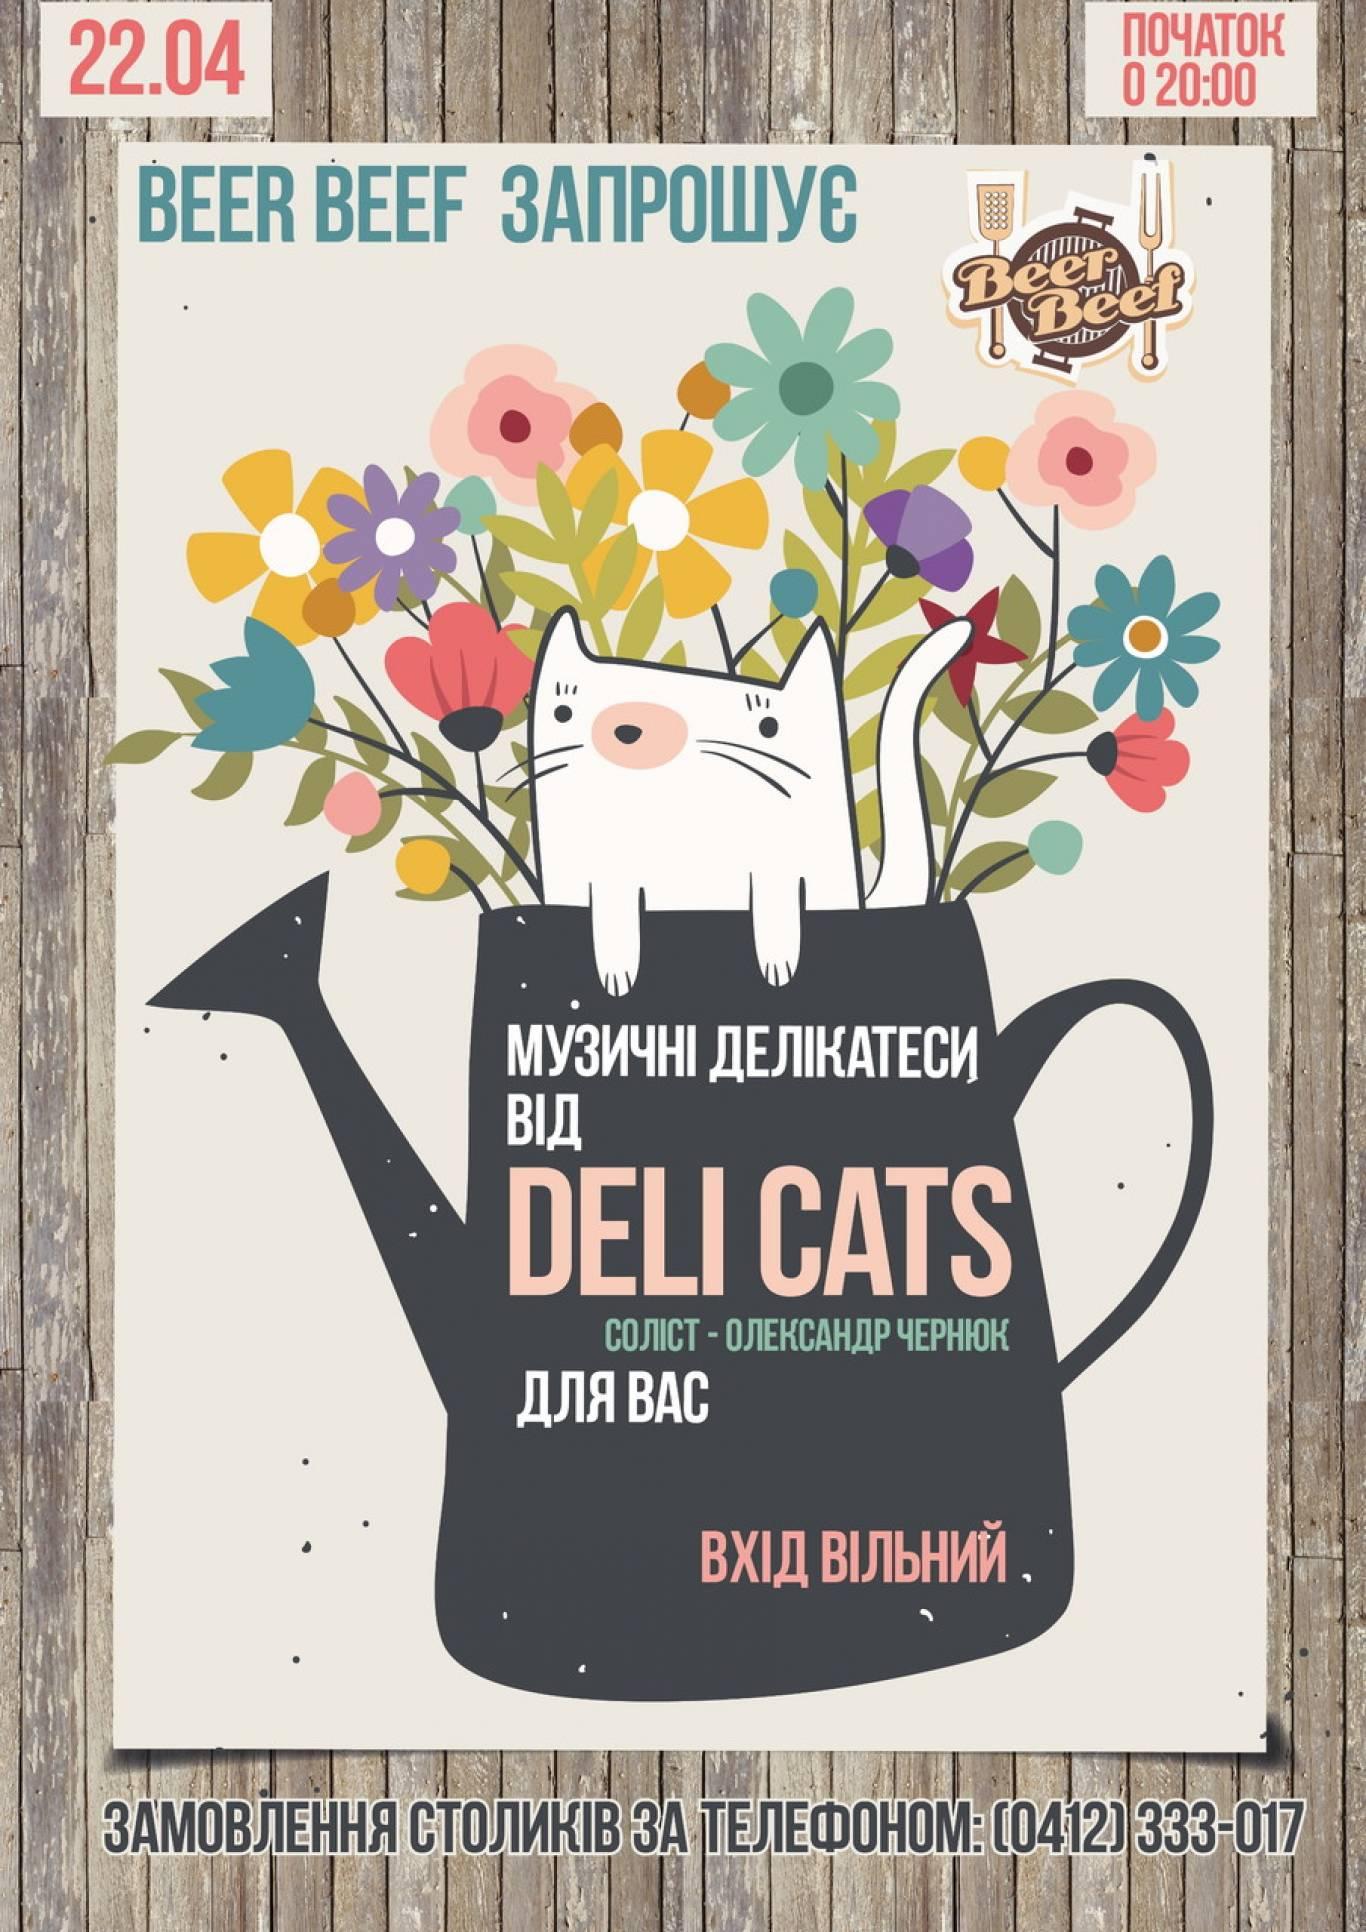 Музичні делікатеси від DELI CATS в Beer Beef